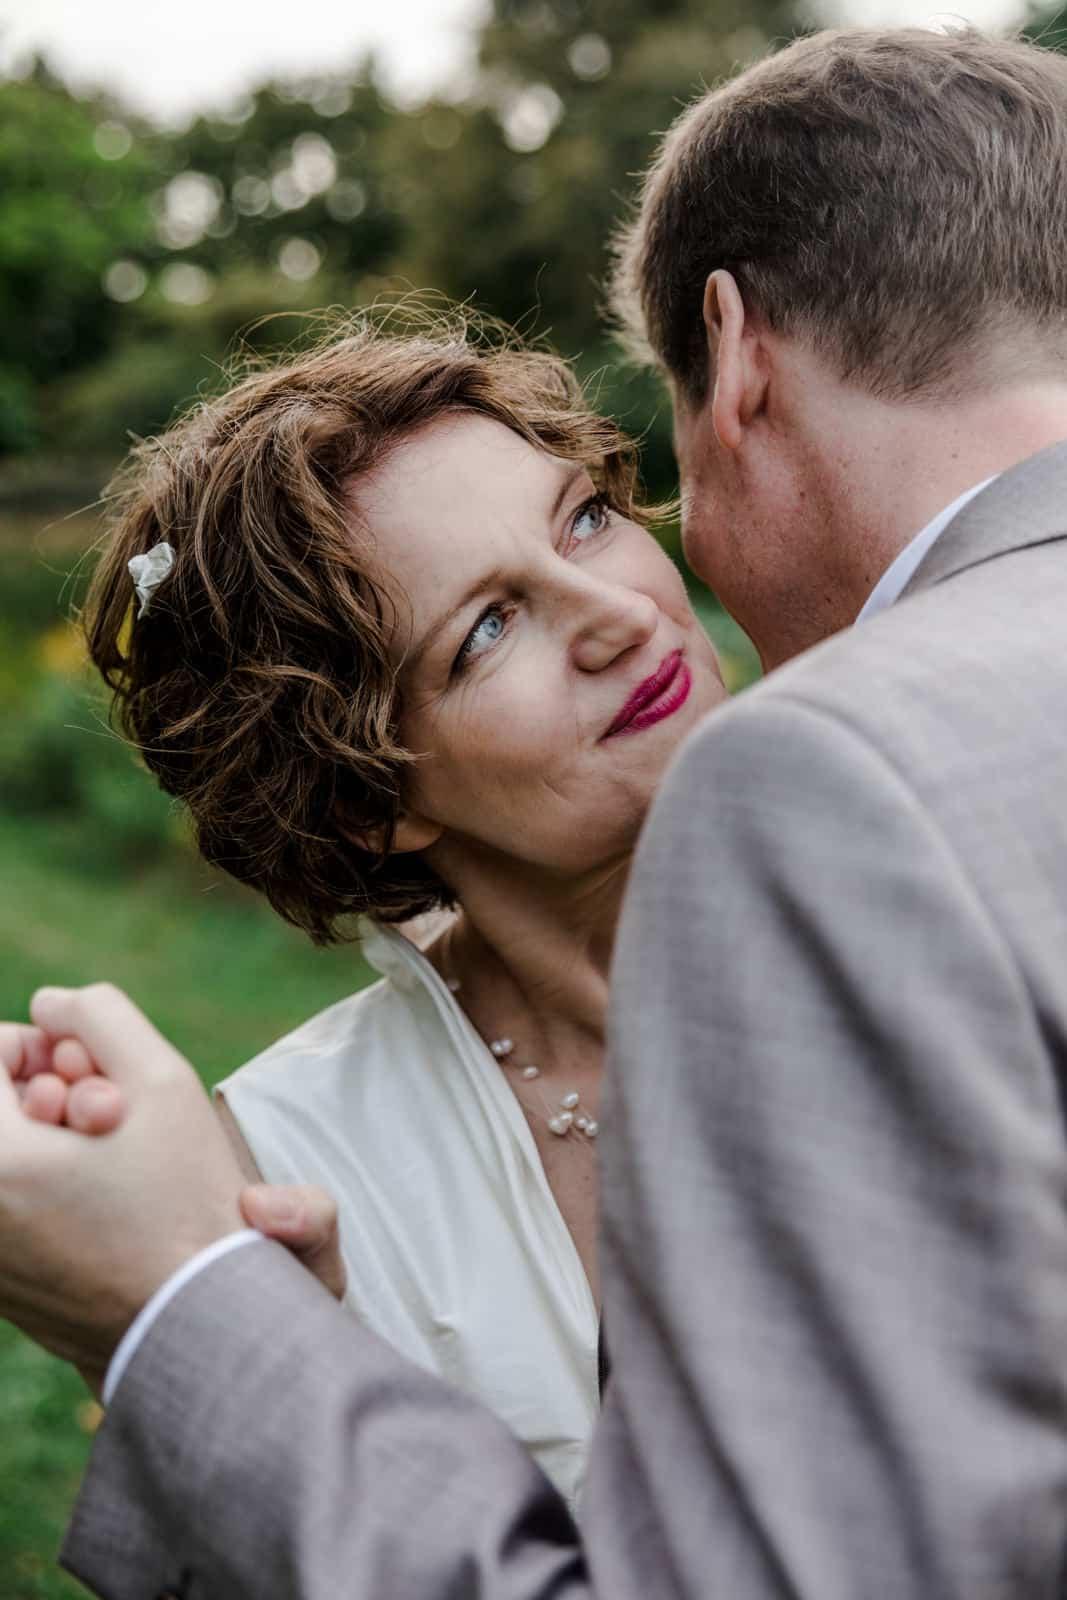 Bräutigam flüstert seiner Braut etwas ins Ohr im Park des Prinz-Emil-Schlösschen in Darmstadt